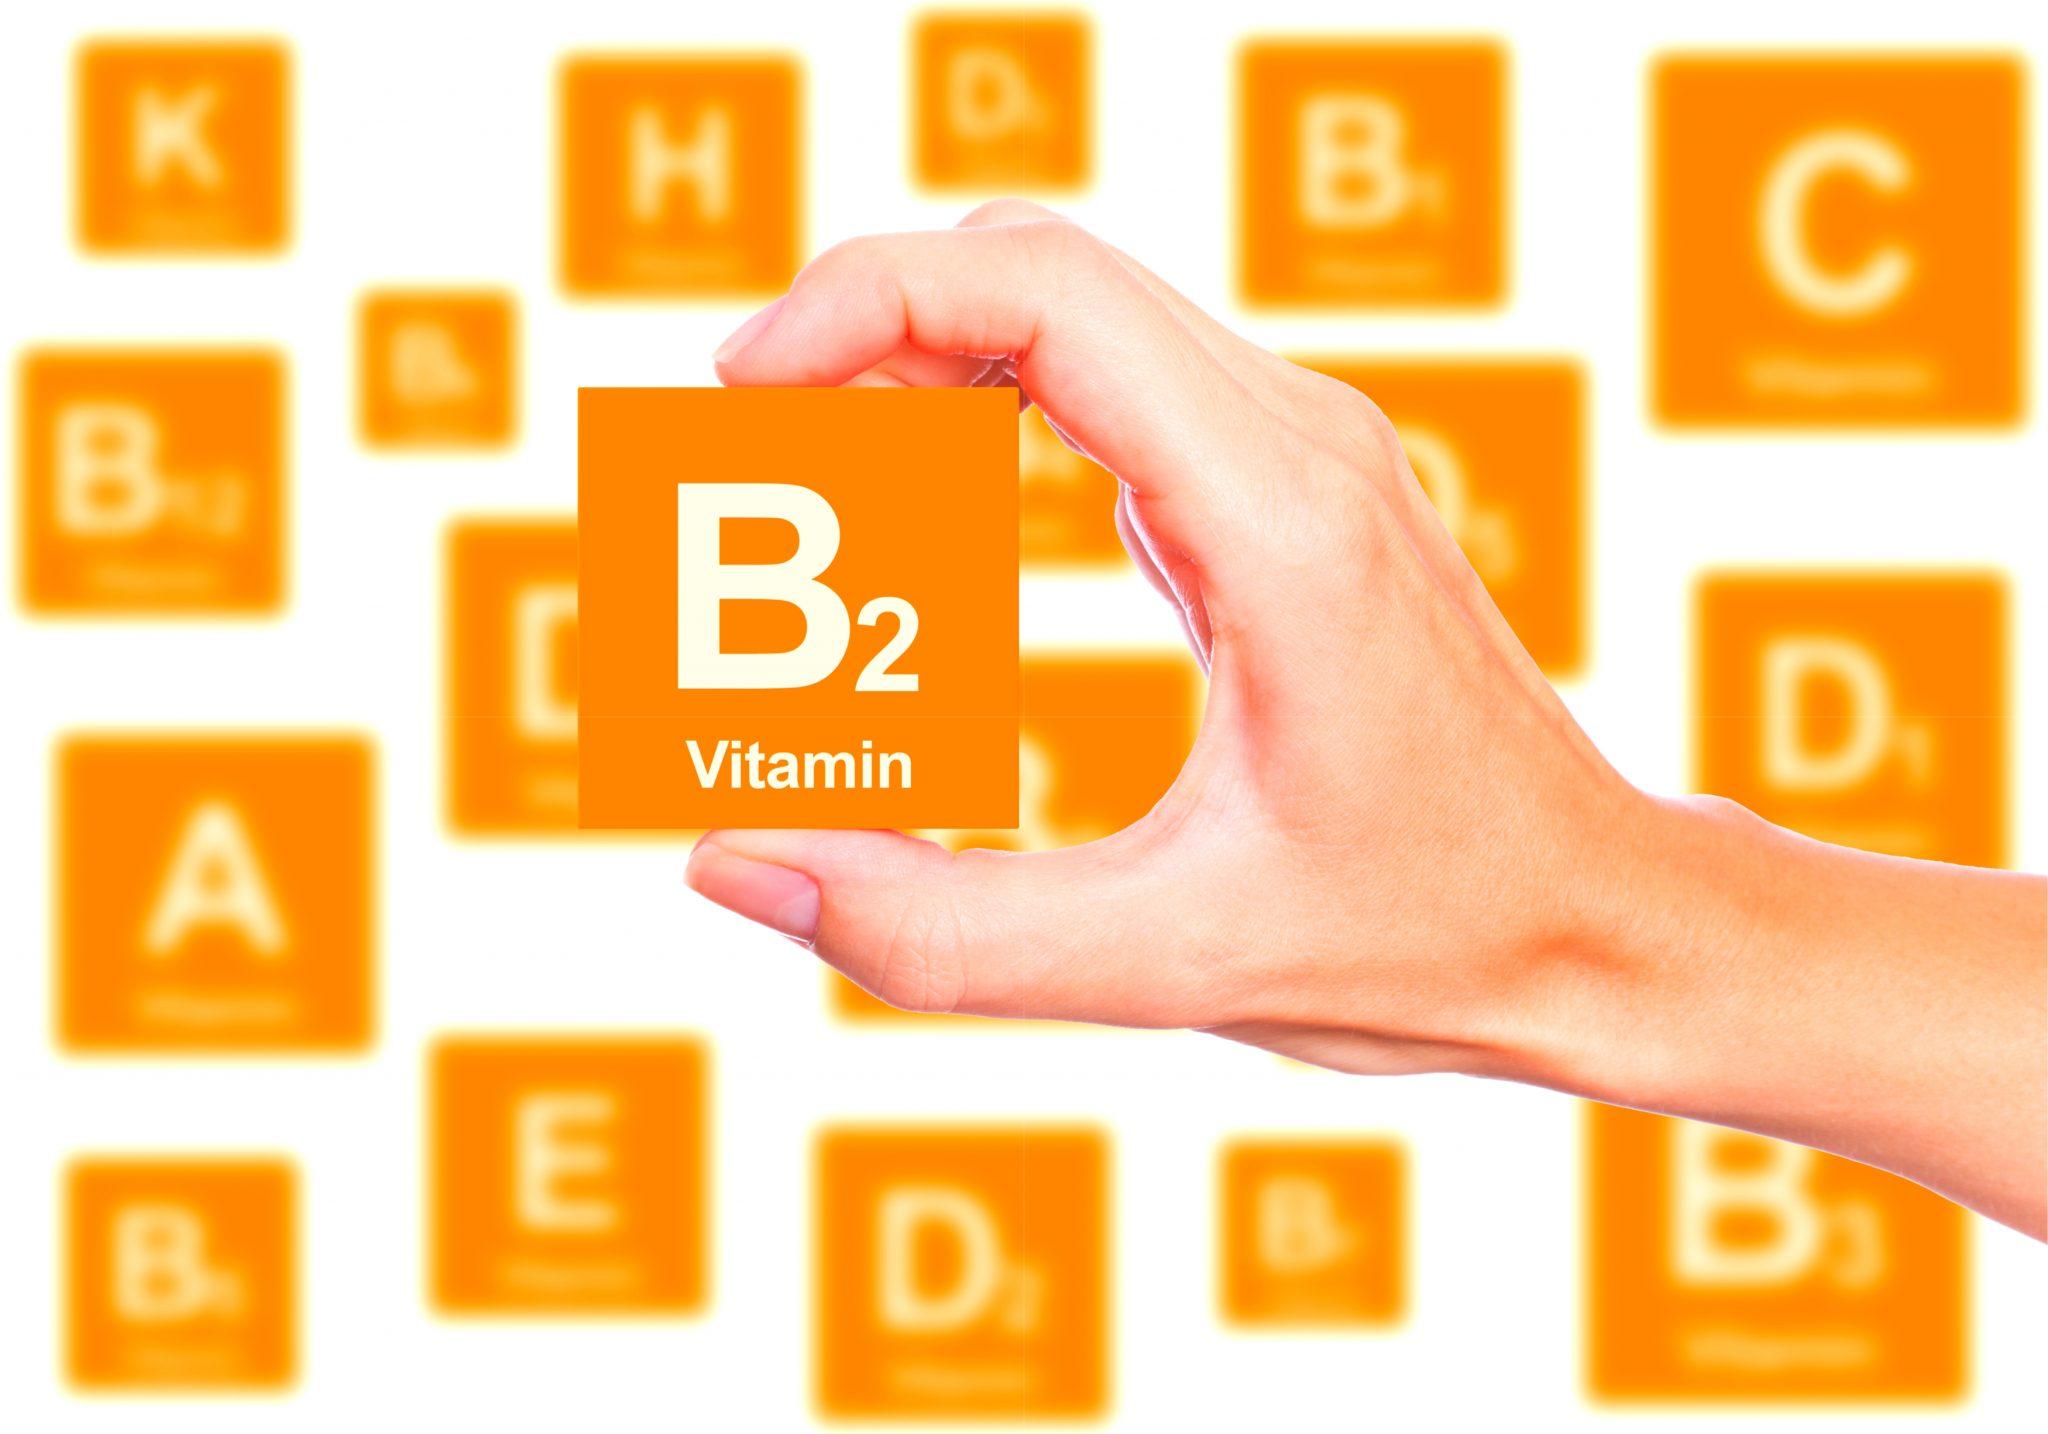 ビタミンB2のブロックを持っている手